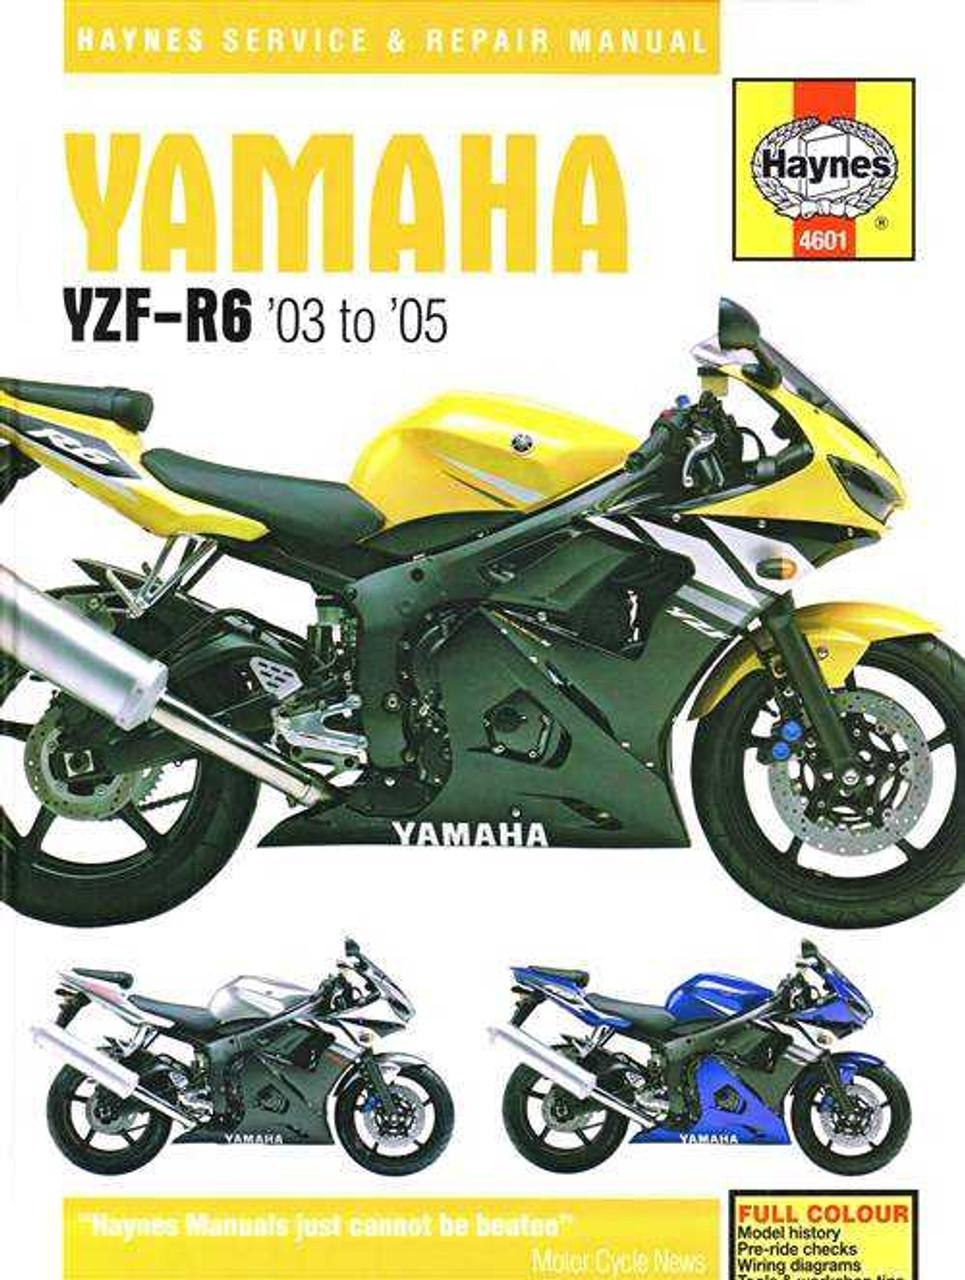 Yamaha Yzf R6 2003 2005 Workshop Manual